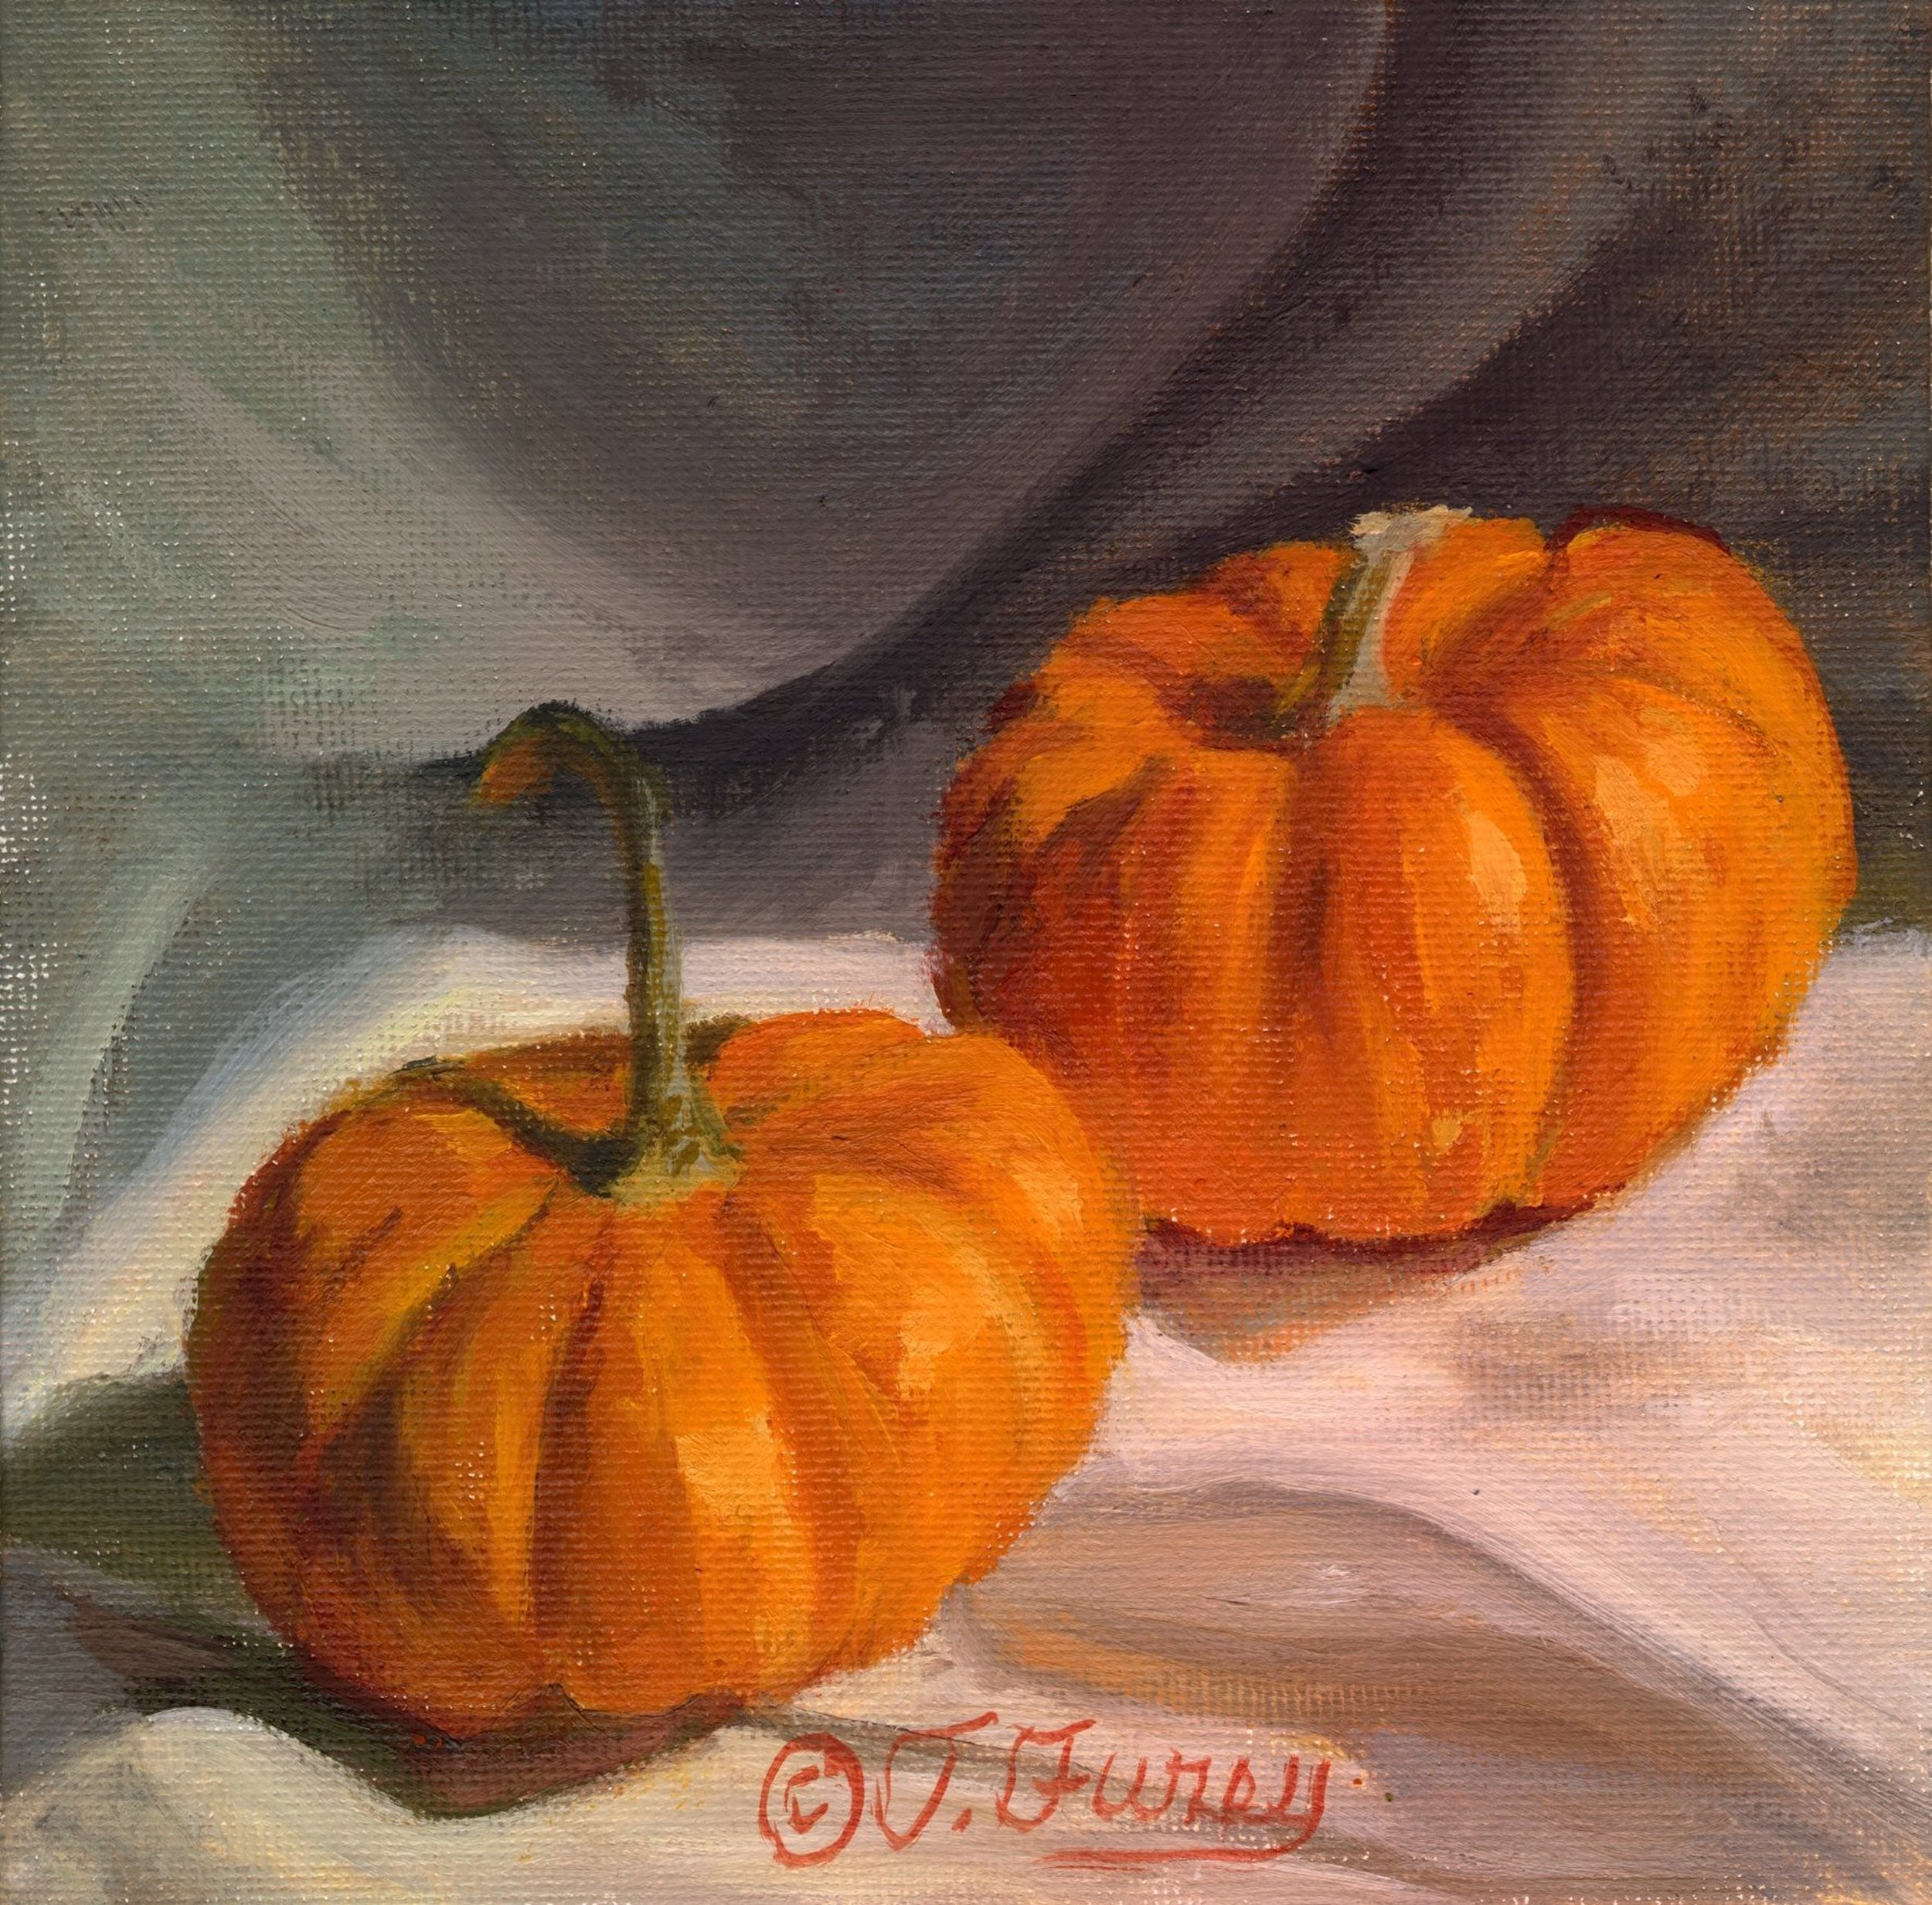 Paternal Pumpkins